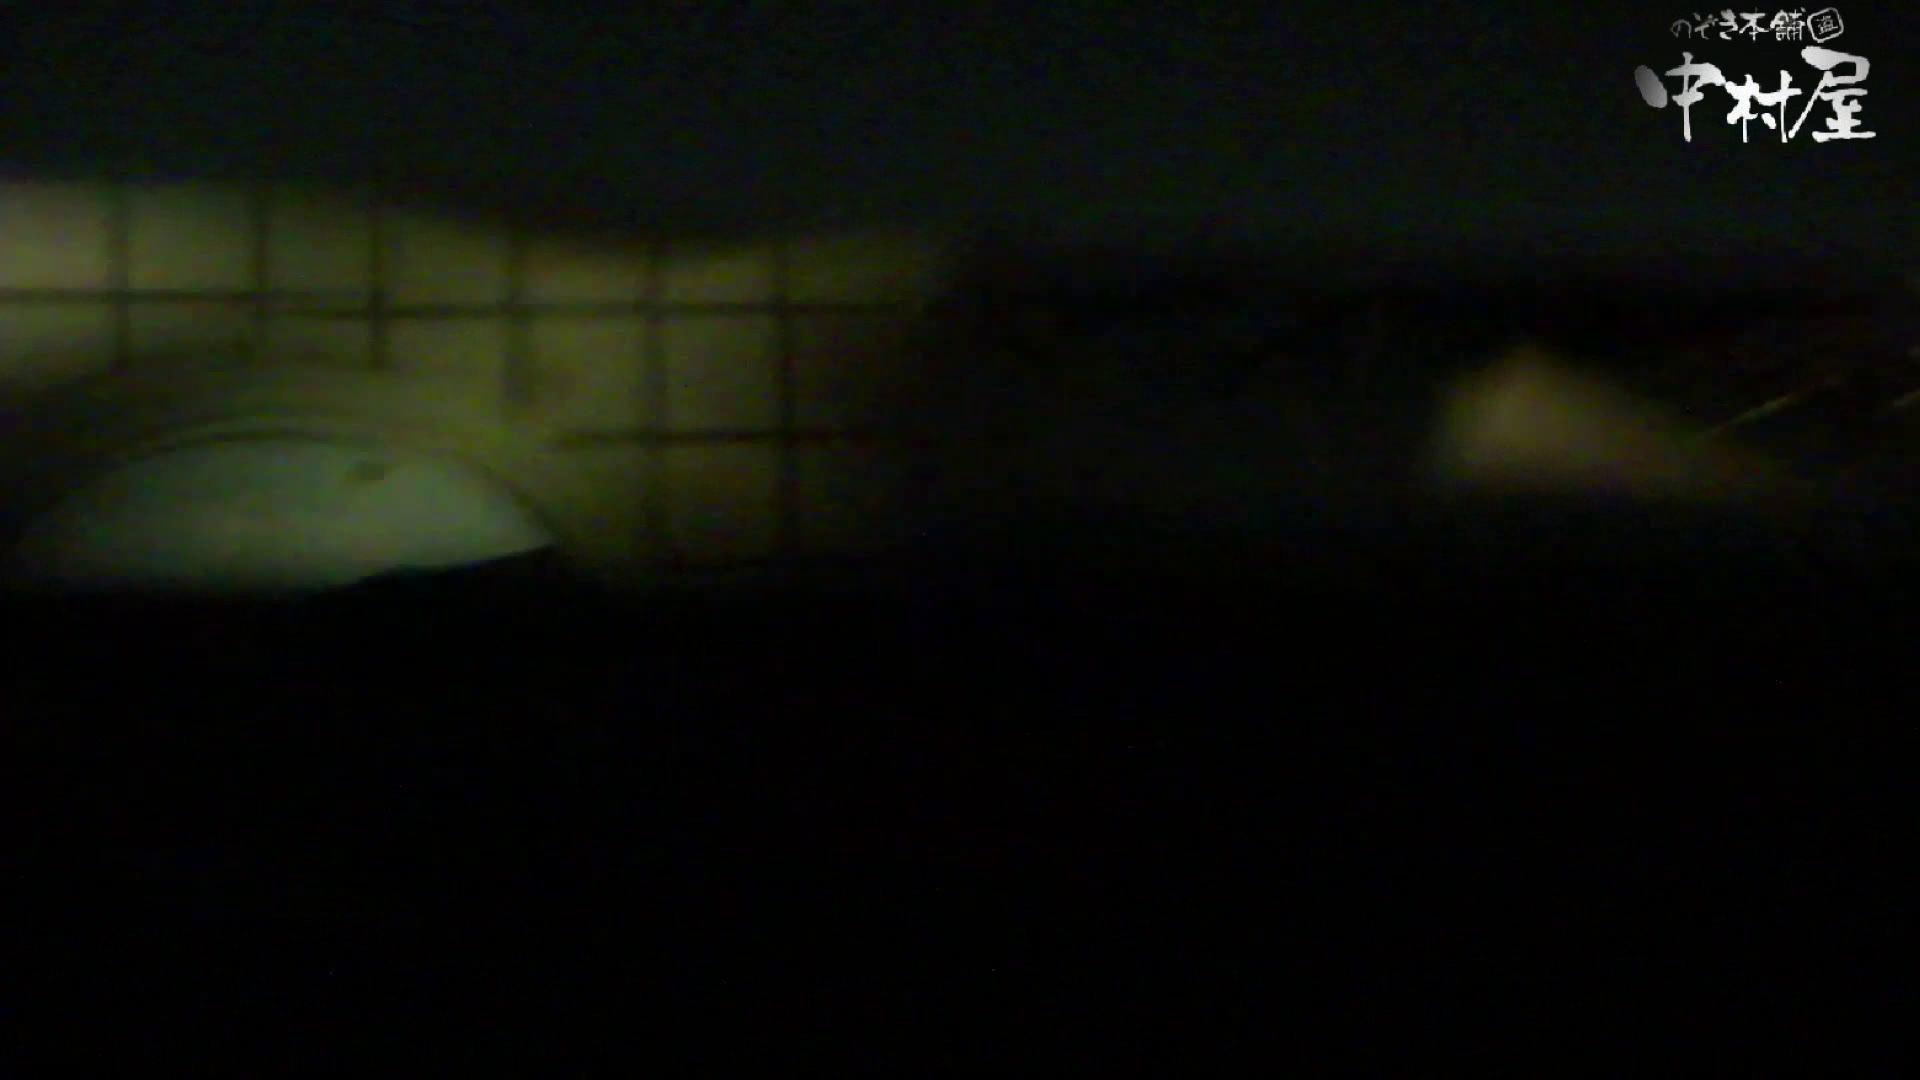 【美人が集まるファッションショッピングセンター洗面所盗SATU】ギャルのツルピカ潜入盗satu!Vol.09 洗面所編 アダルト動画キャプチャ 88PIX 51